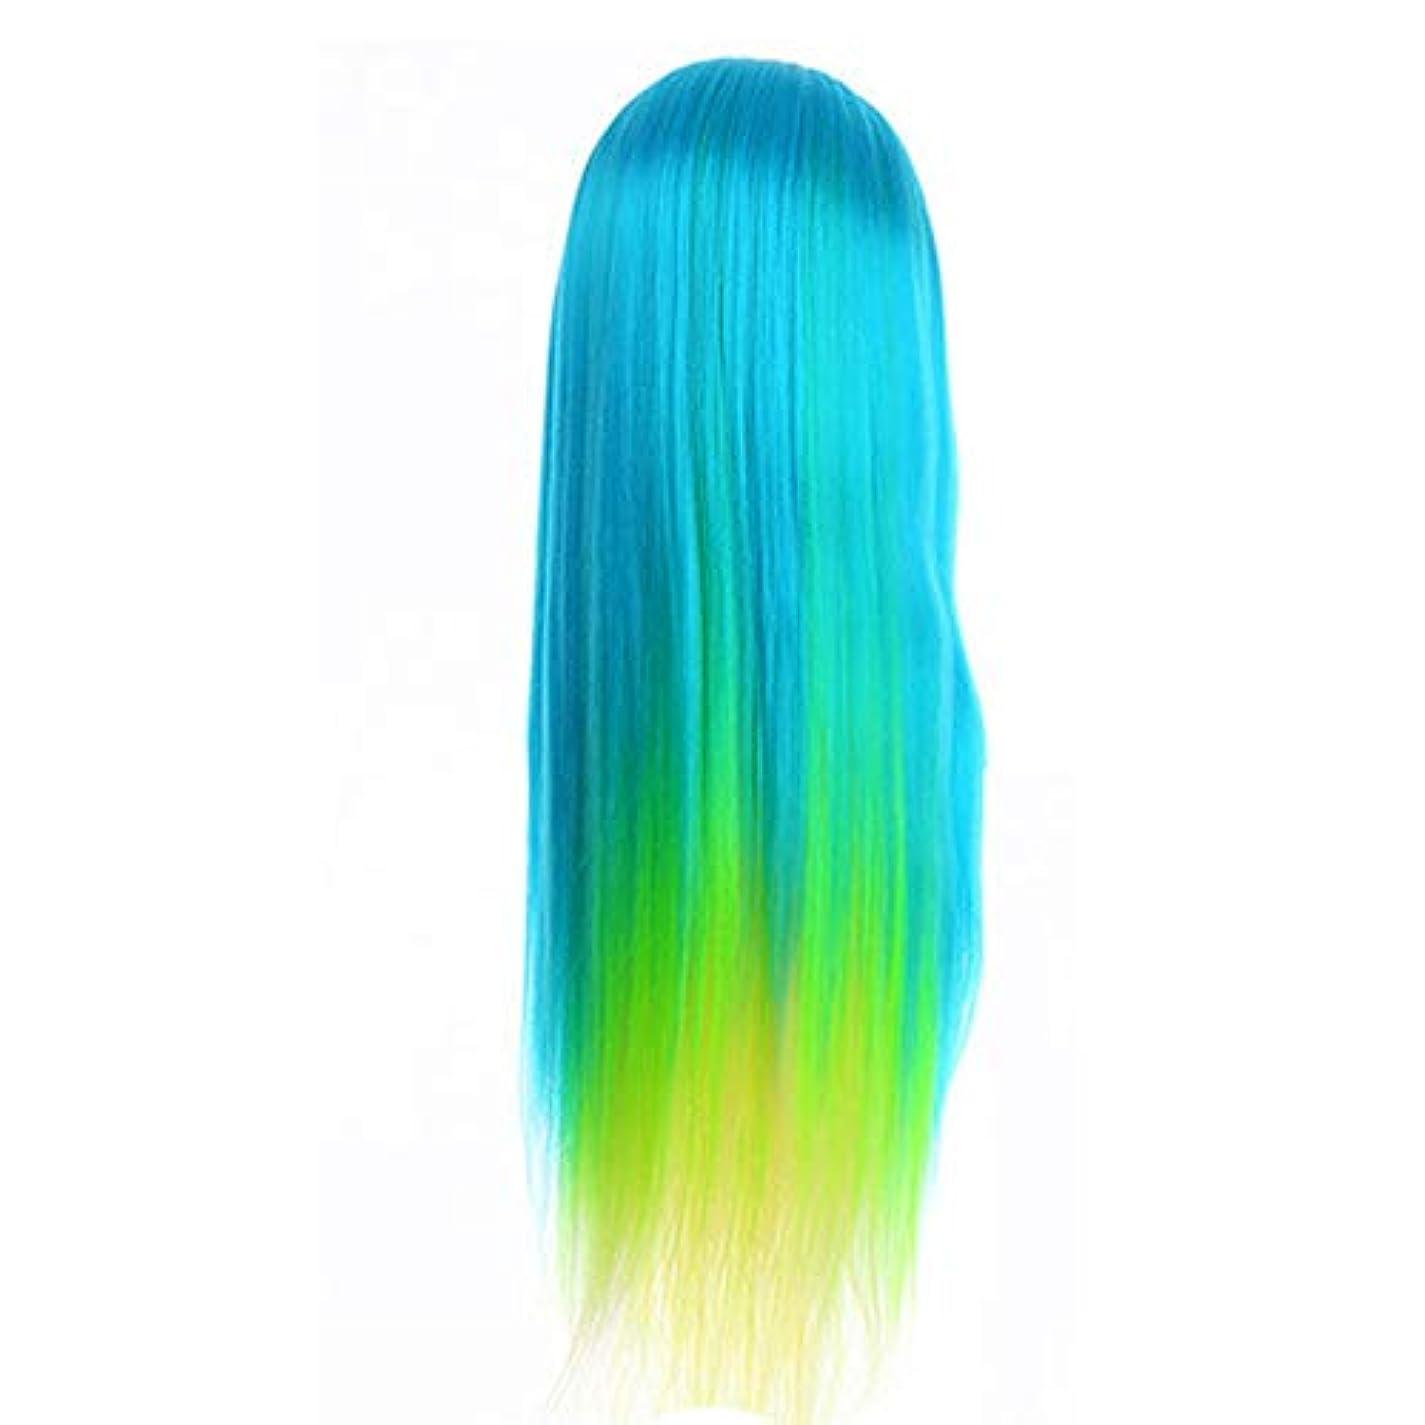 輪郭スキップ合法サロン散髪練習ヘッドモデルメイク学校編組髪開発学習モデルヘッドヘアストレートロングかつら